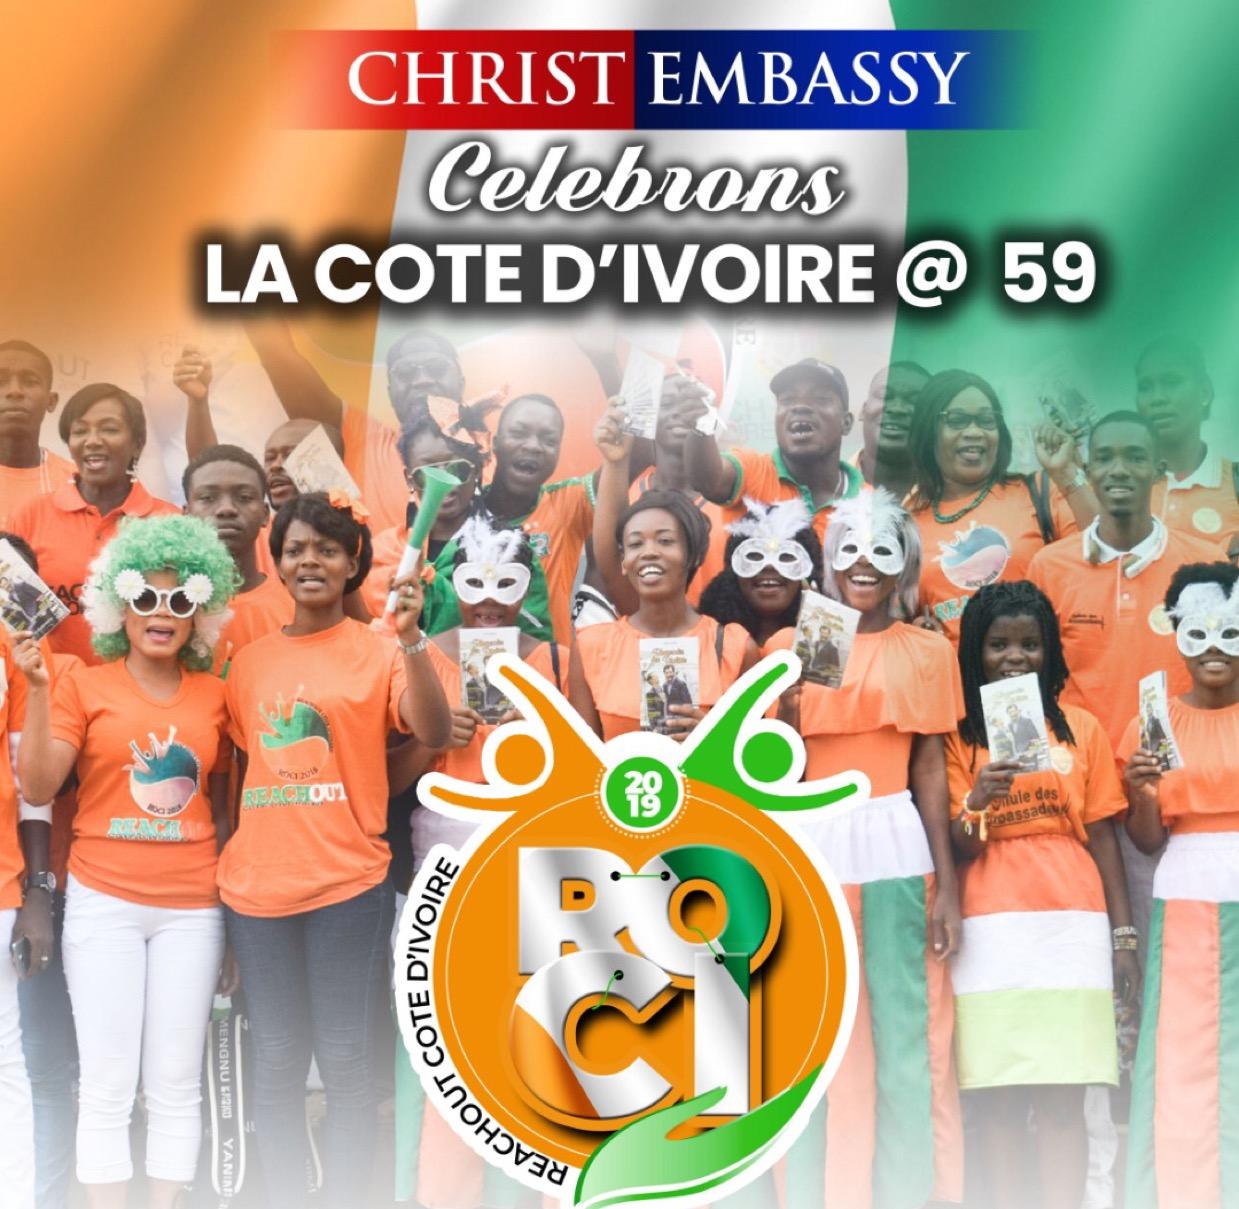 CELEBRATING COTE D'IVOIRE @ 59.